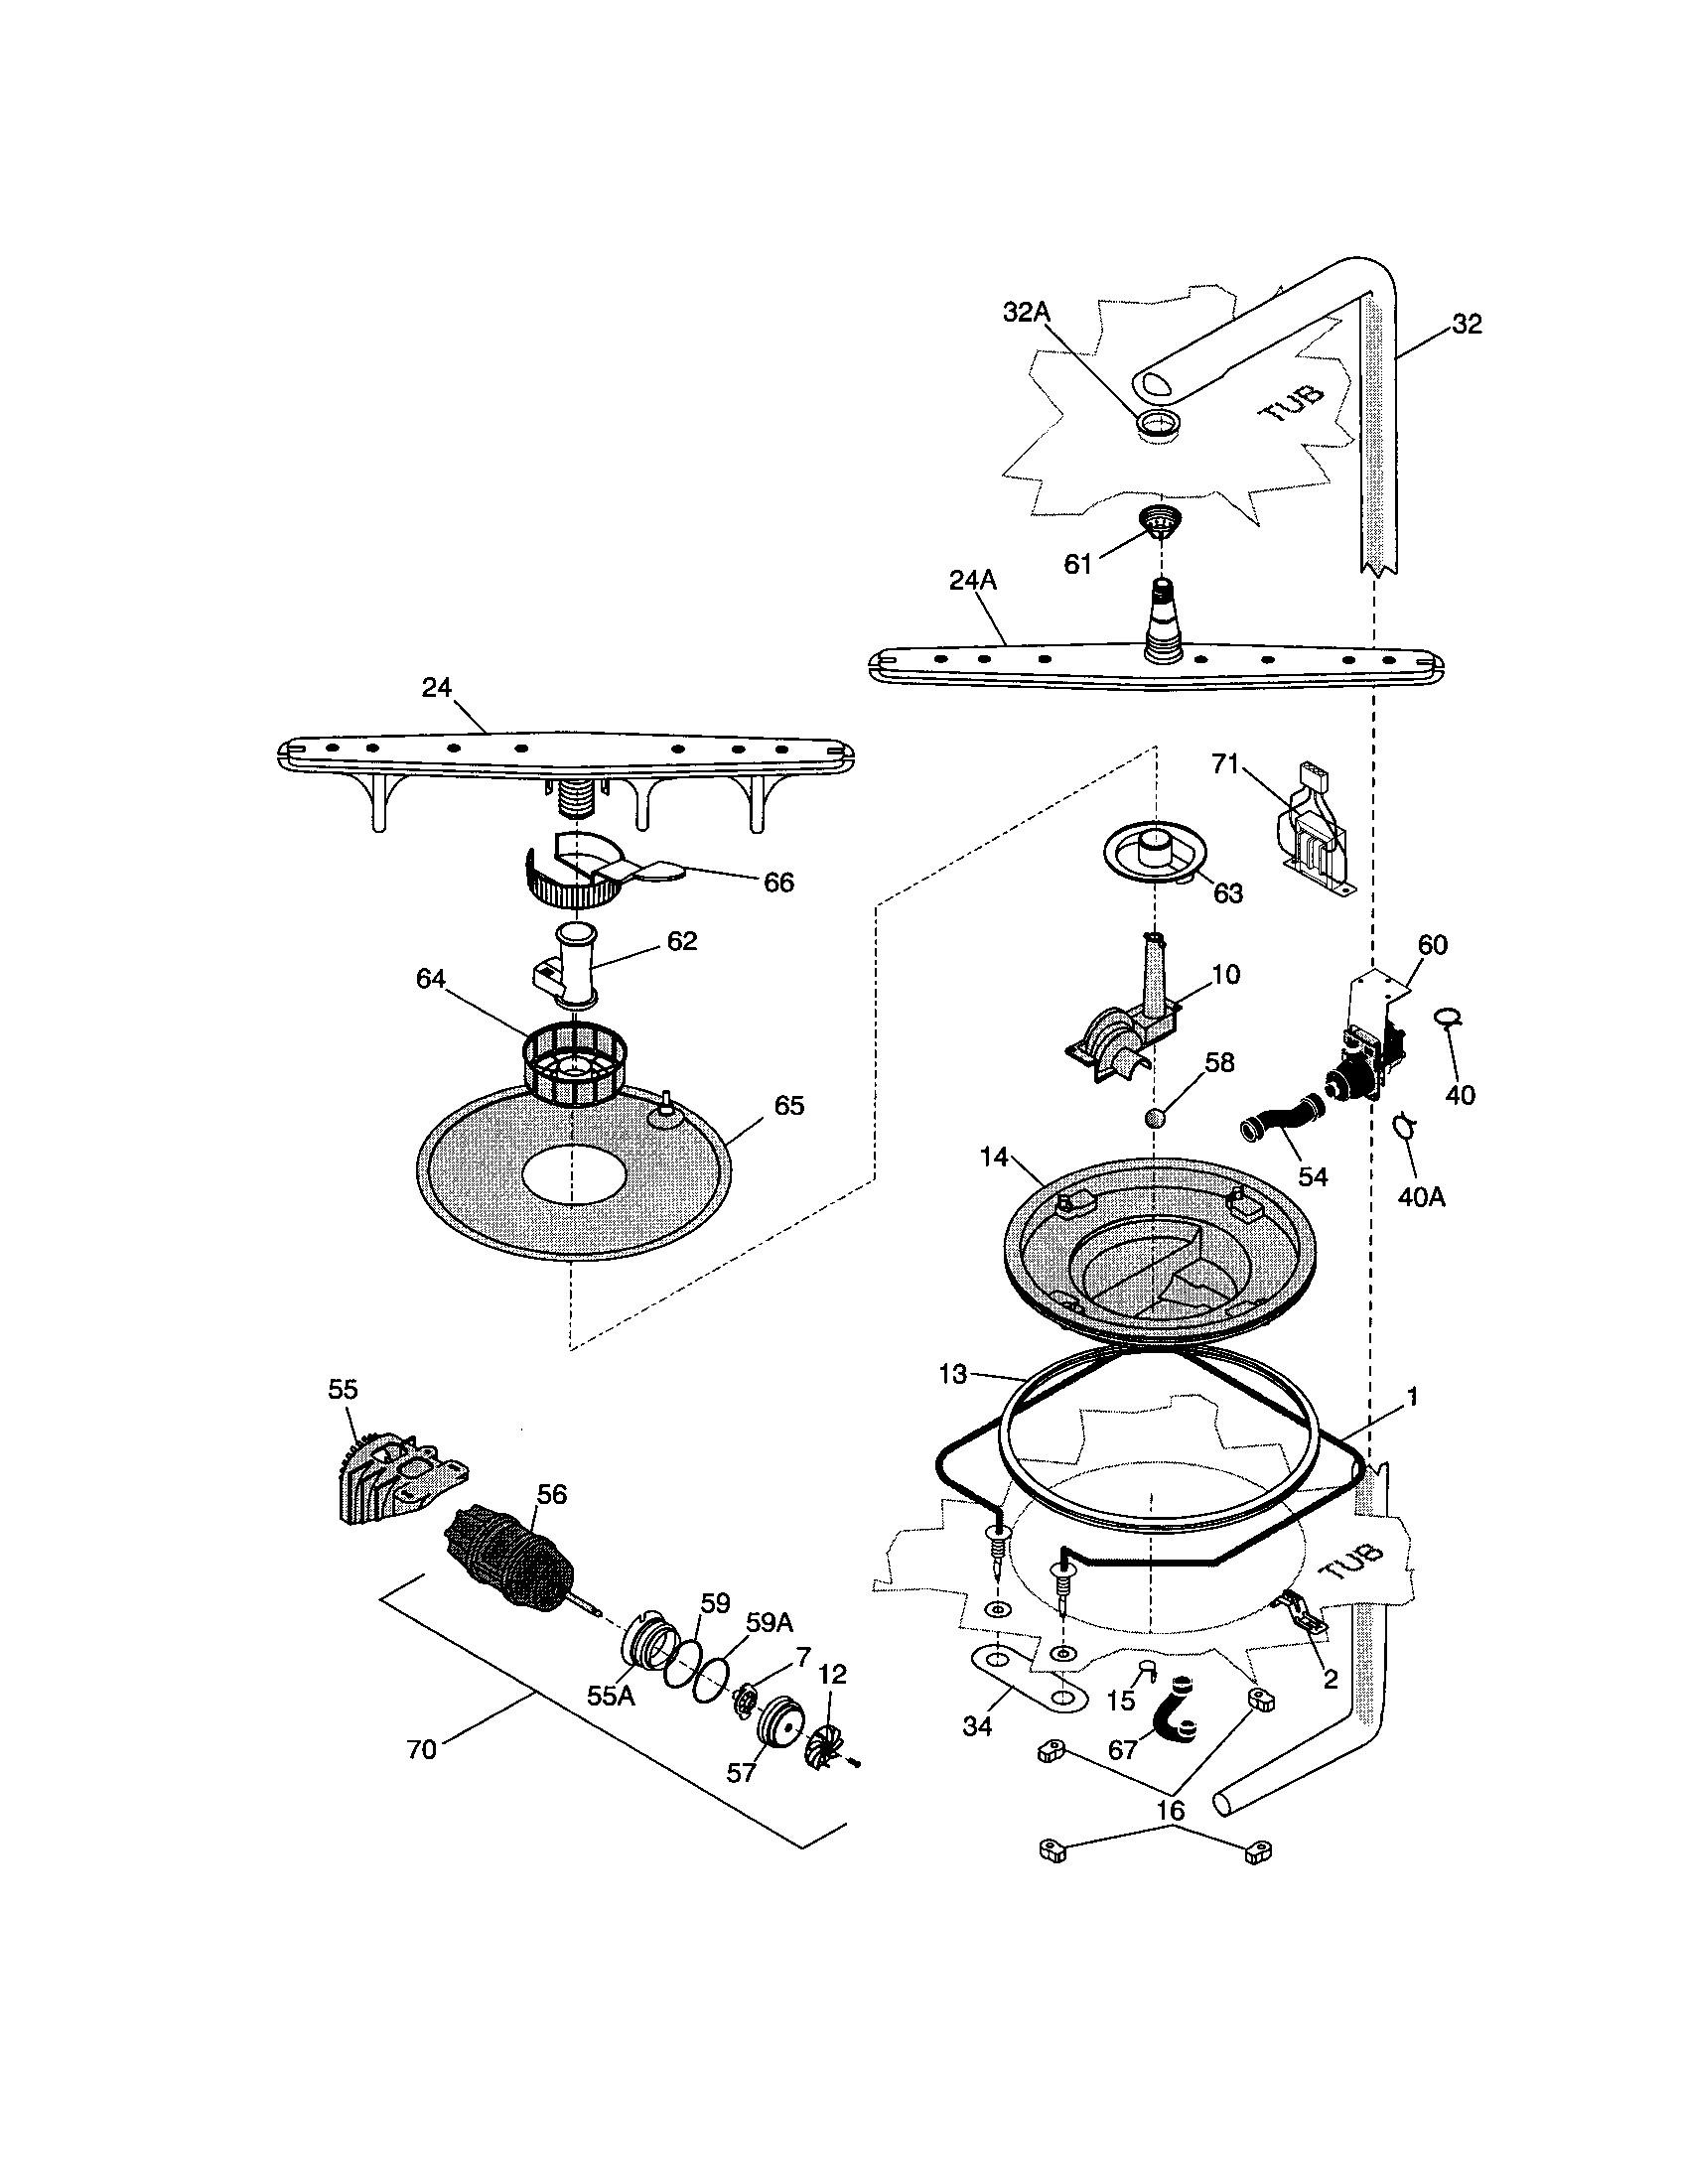 Wiring Diagram for Frigidaire Refrigerator Frigidaire Dishwasher Schematic Diagram Wiring Diagram Data Val Of Wiring Diagram for Frigidaire Refrigerator